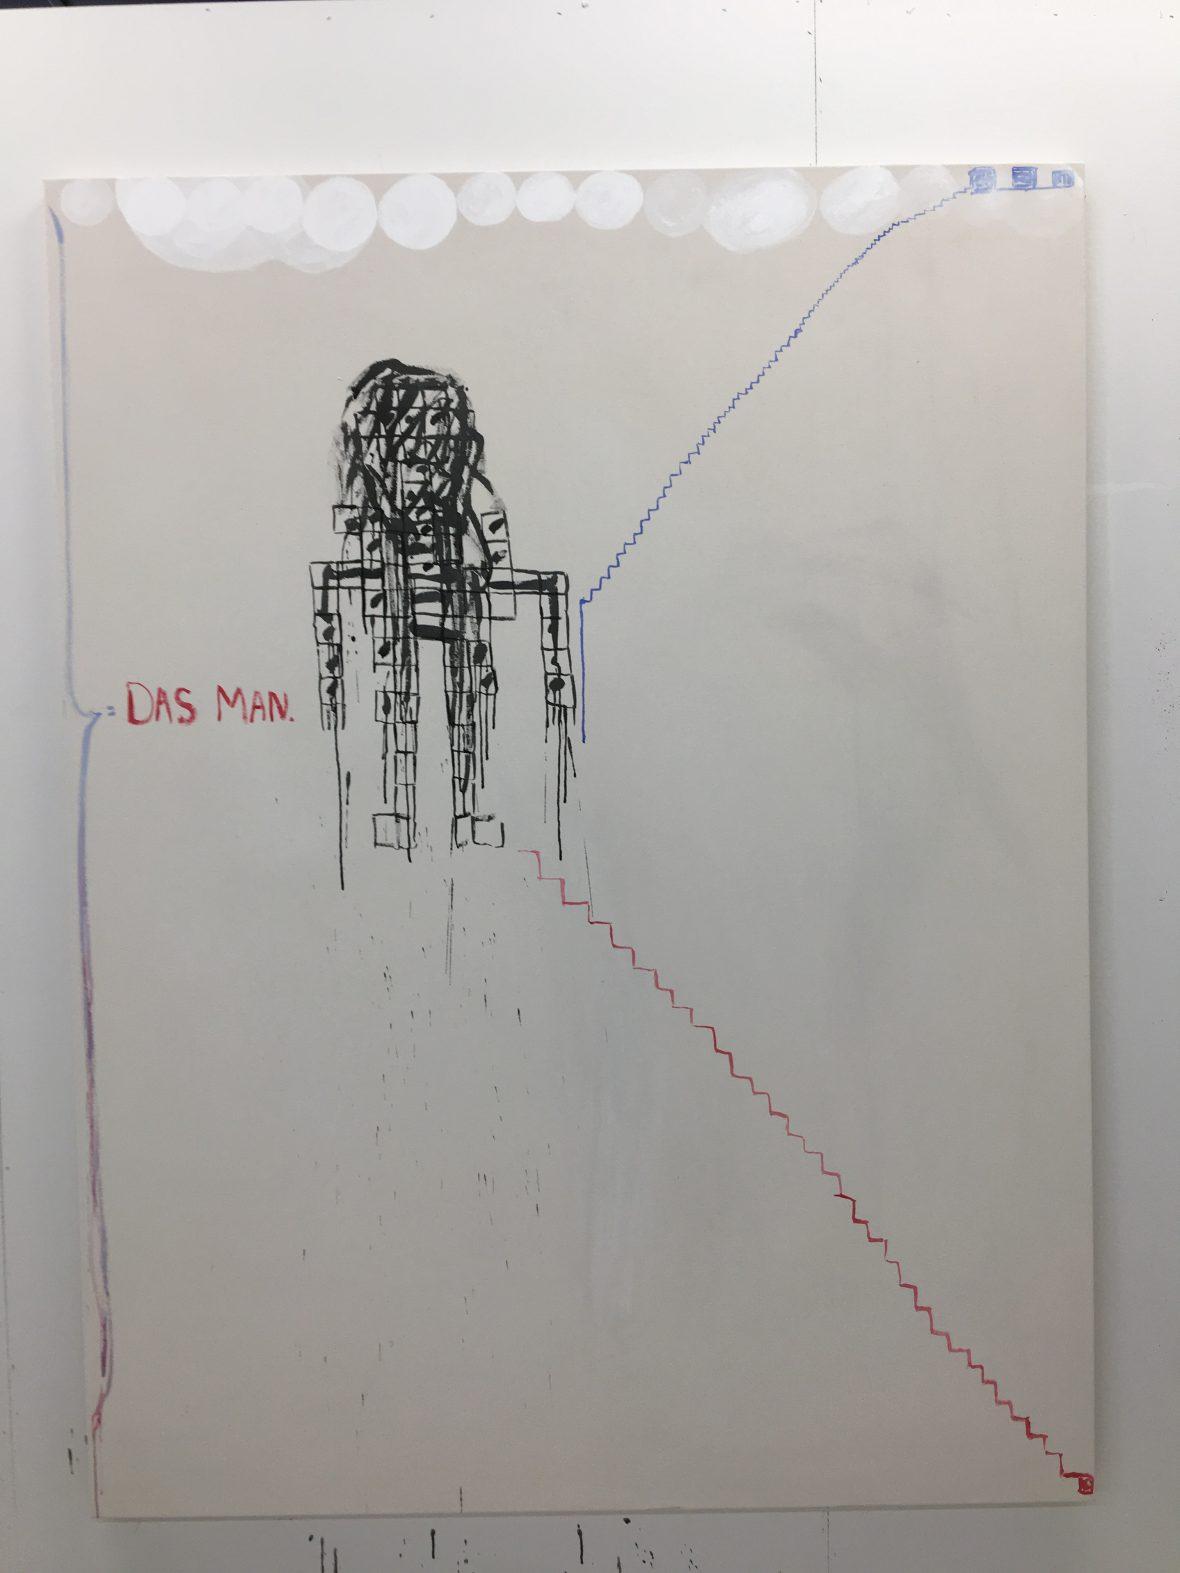 Das Man, 190 x 145 cm, akryyli 2018